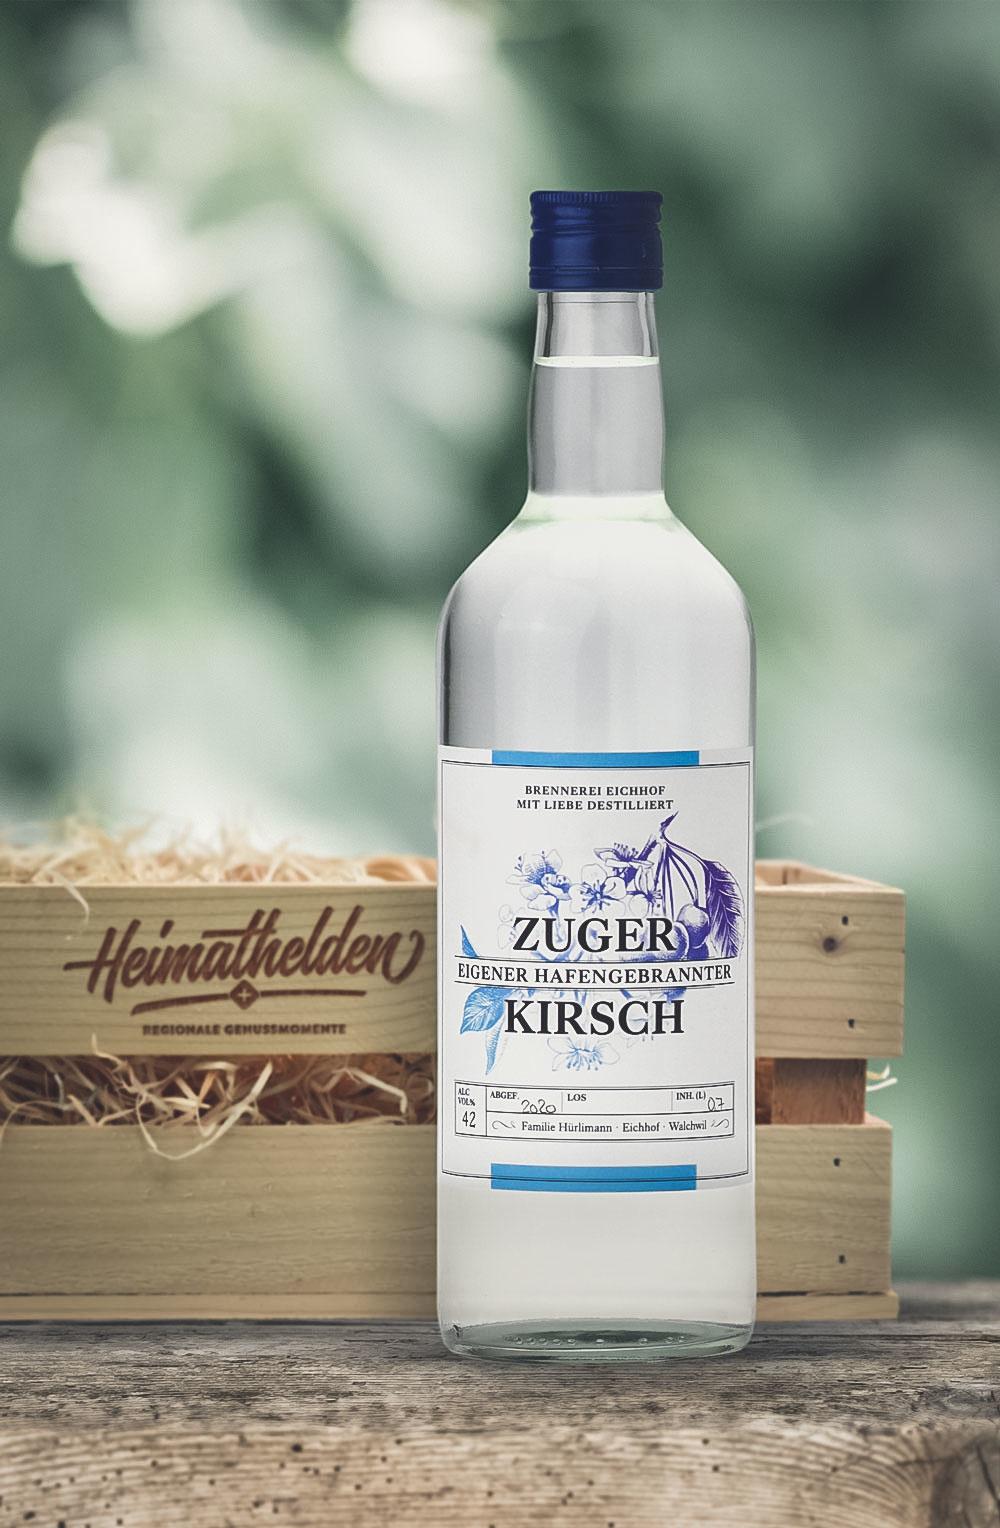 Zuger Kirsch 70cl in attraktiver Geschenk-Holzharasse-1